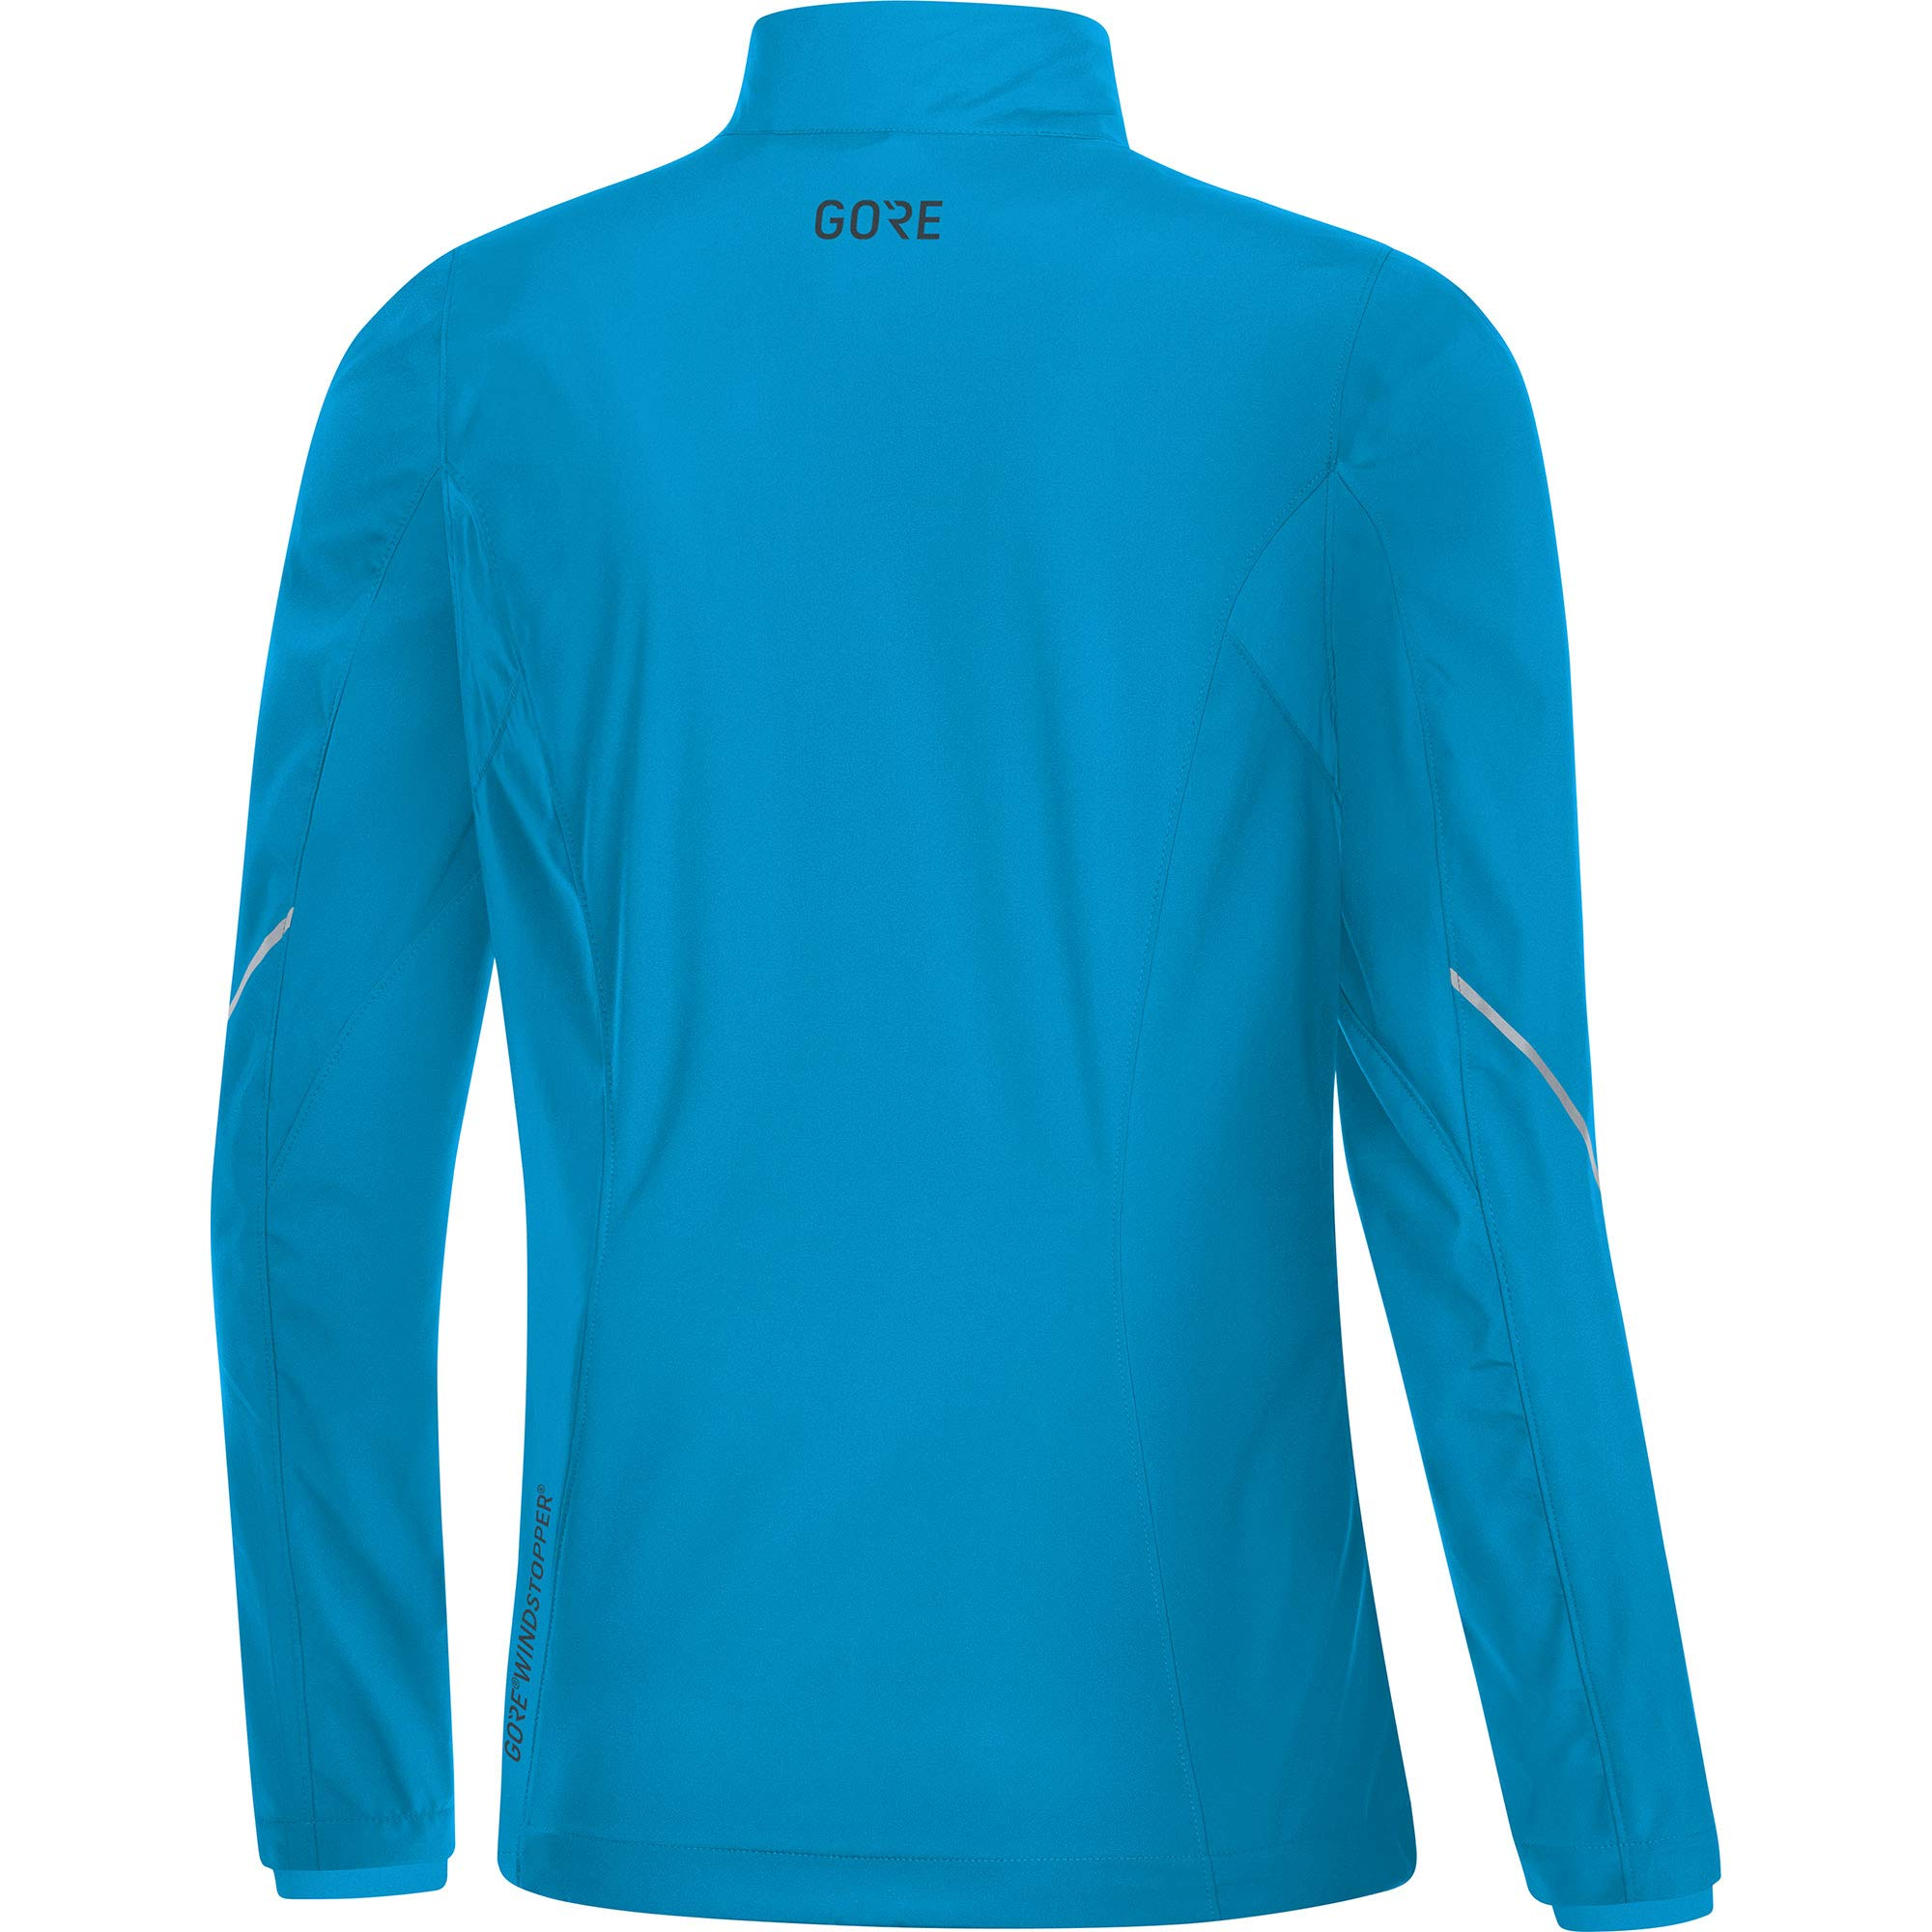 GORE Wear Women's Windproof Running Jacket, R3 Women's Partial WINDSTOPPER Jacket, Size: L, Color: Dynamic Cyan, 100081 by GORE WEAR (Image #4)